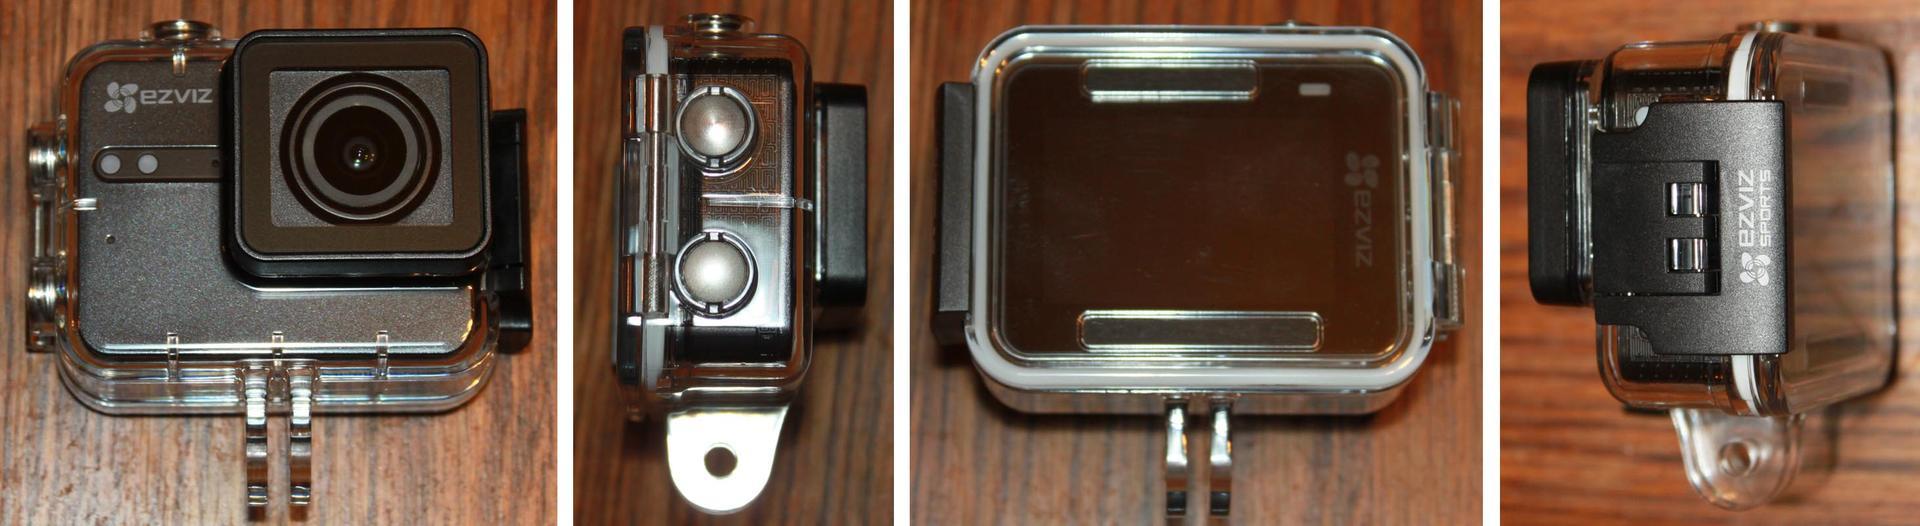 Ezviz S5 и S5+: экшн-камеры повышенной четкости - 10